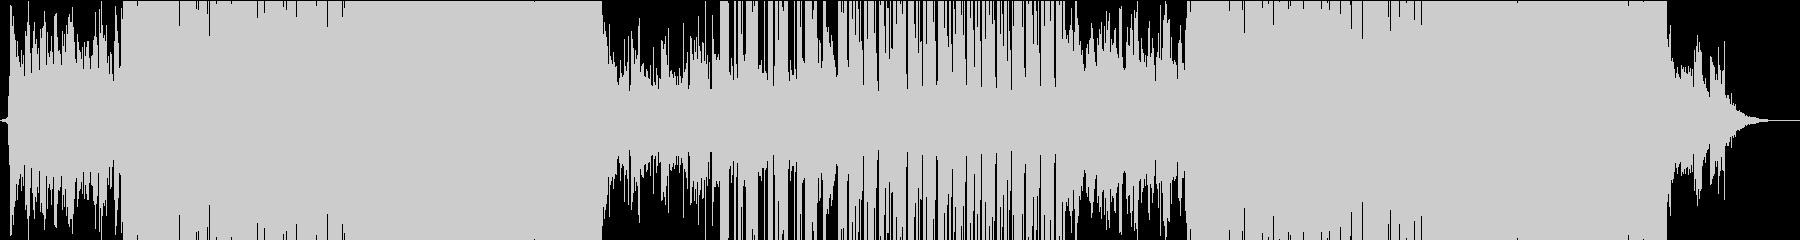 90年代切ないメロディR&B系楽曲の未再生の波形